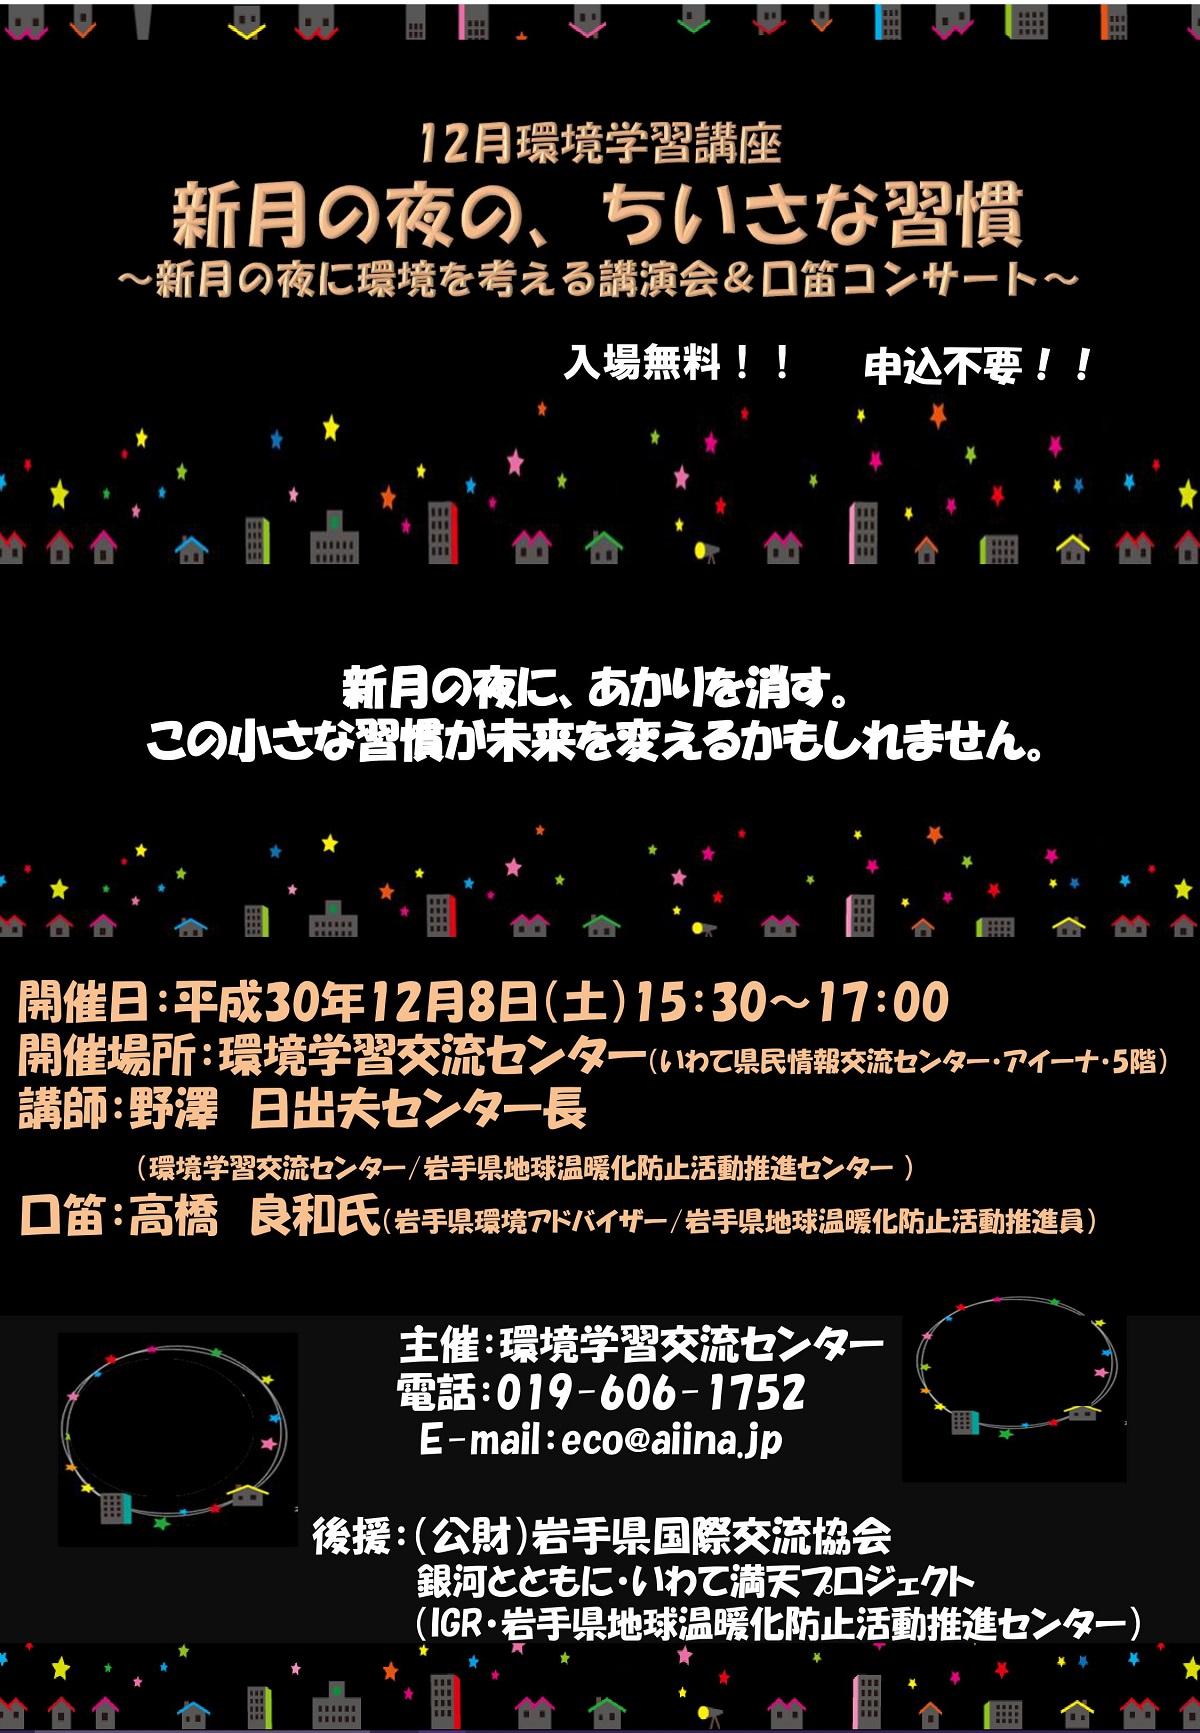 http://blog.iwate-eco.jp/2018/11/13/0003.jpg